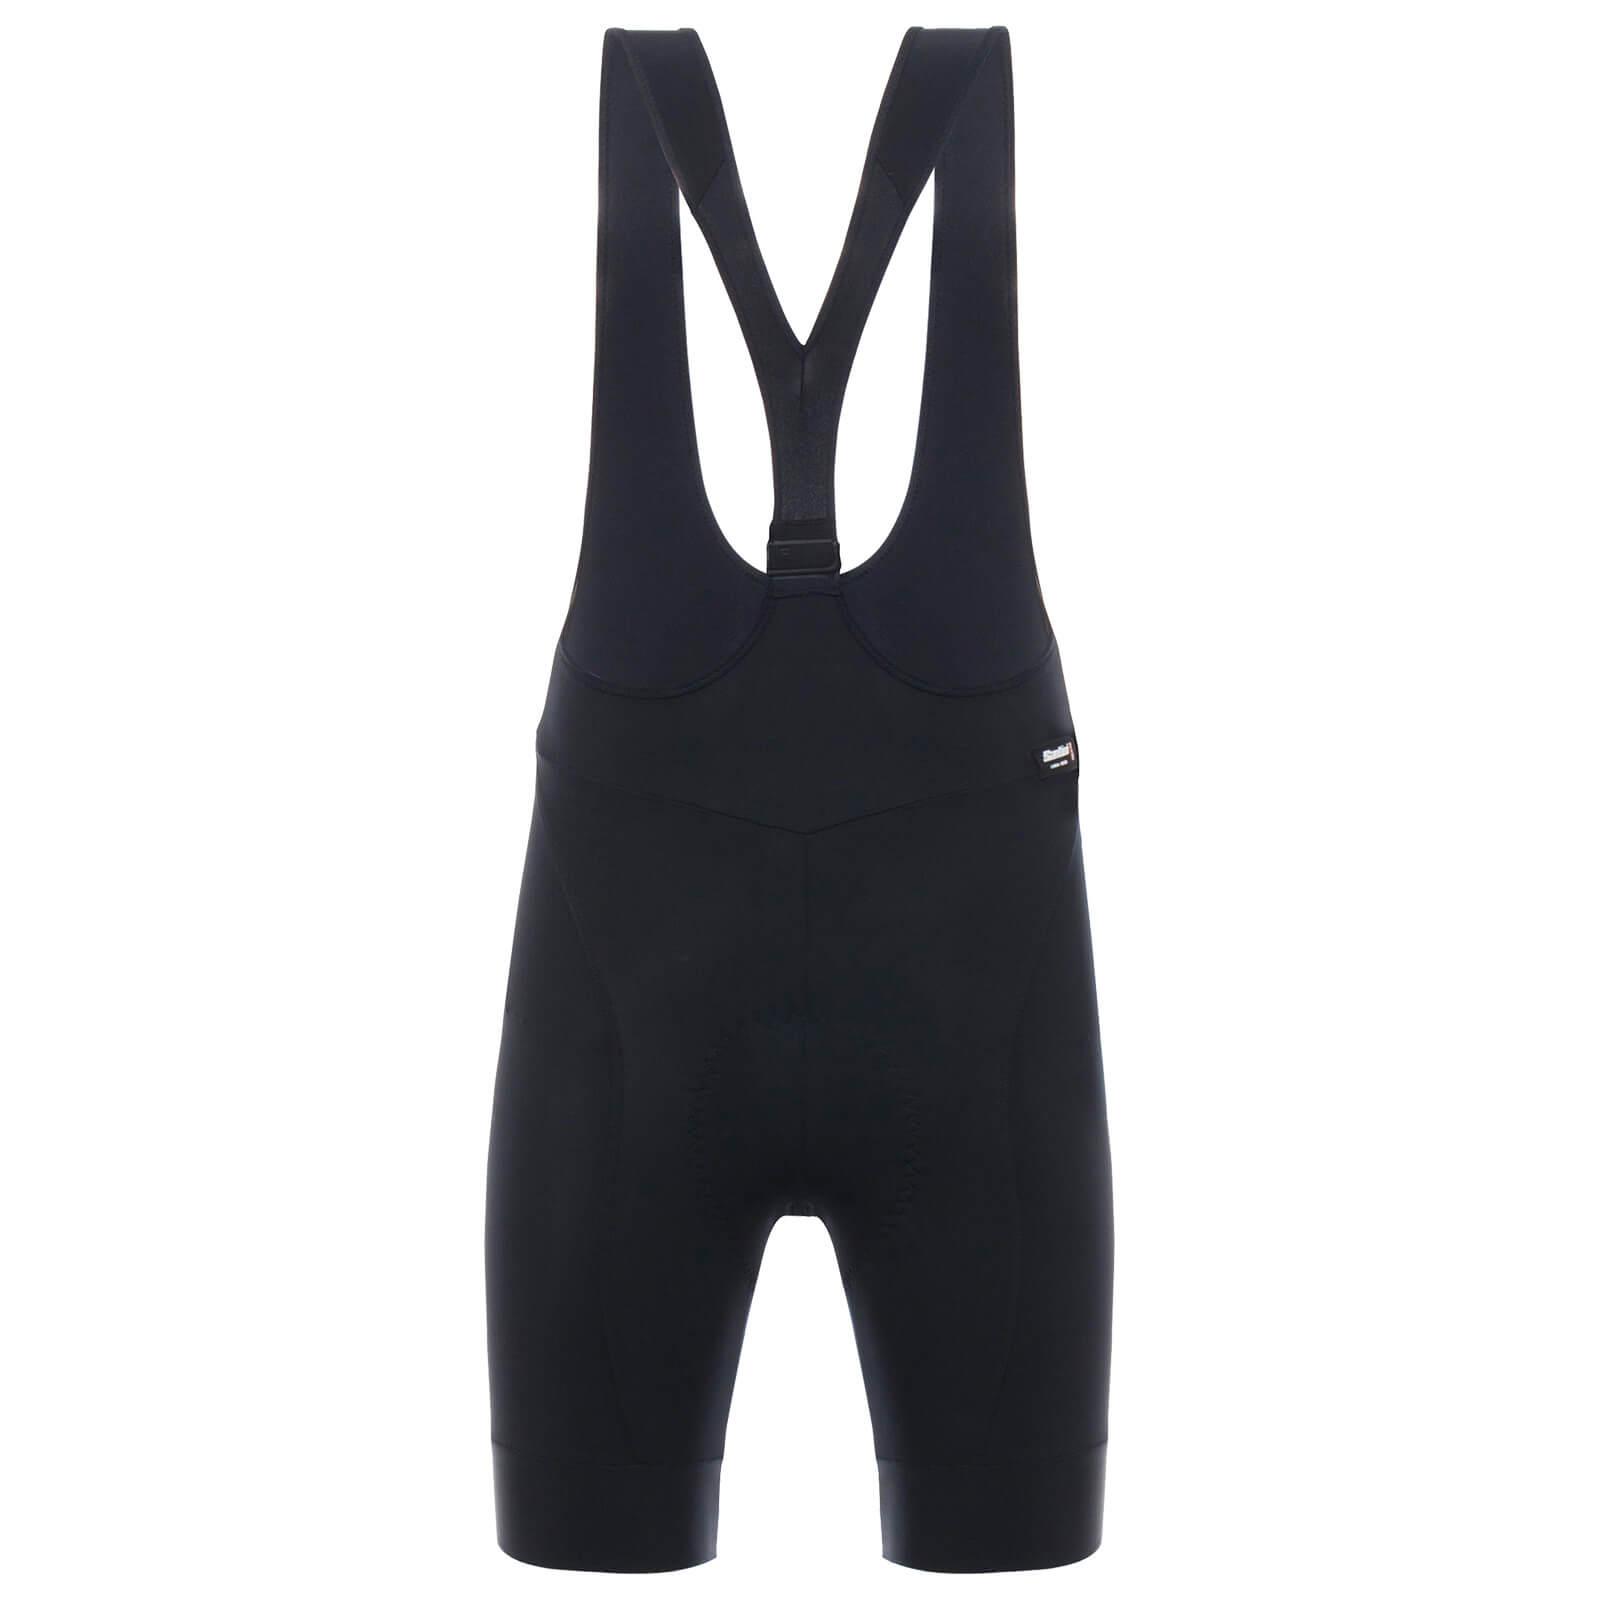 Santini Women's Legend Bib Shorts - XL - Black